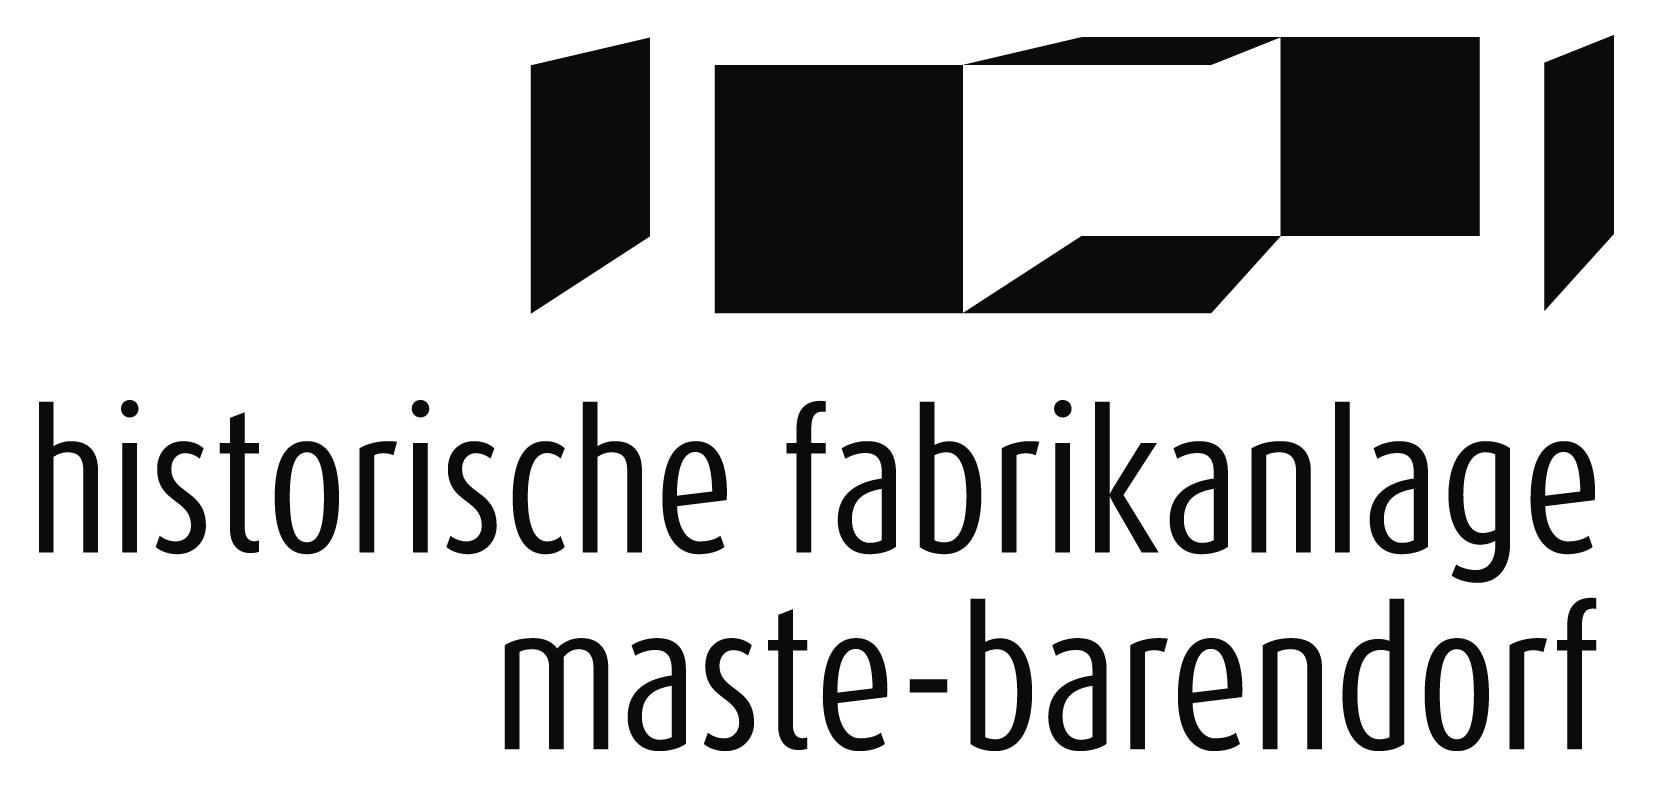 Barendorf-pos